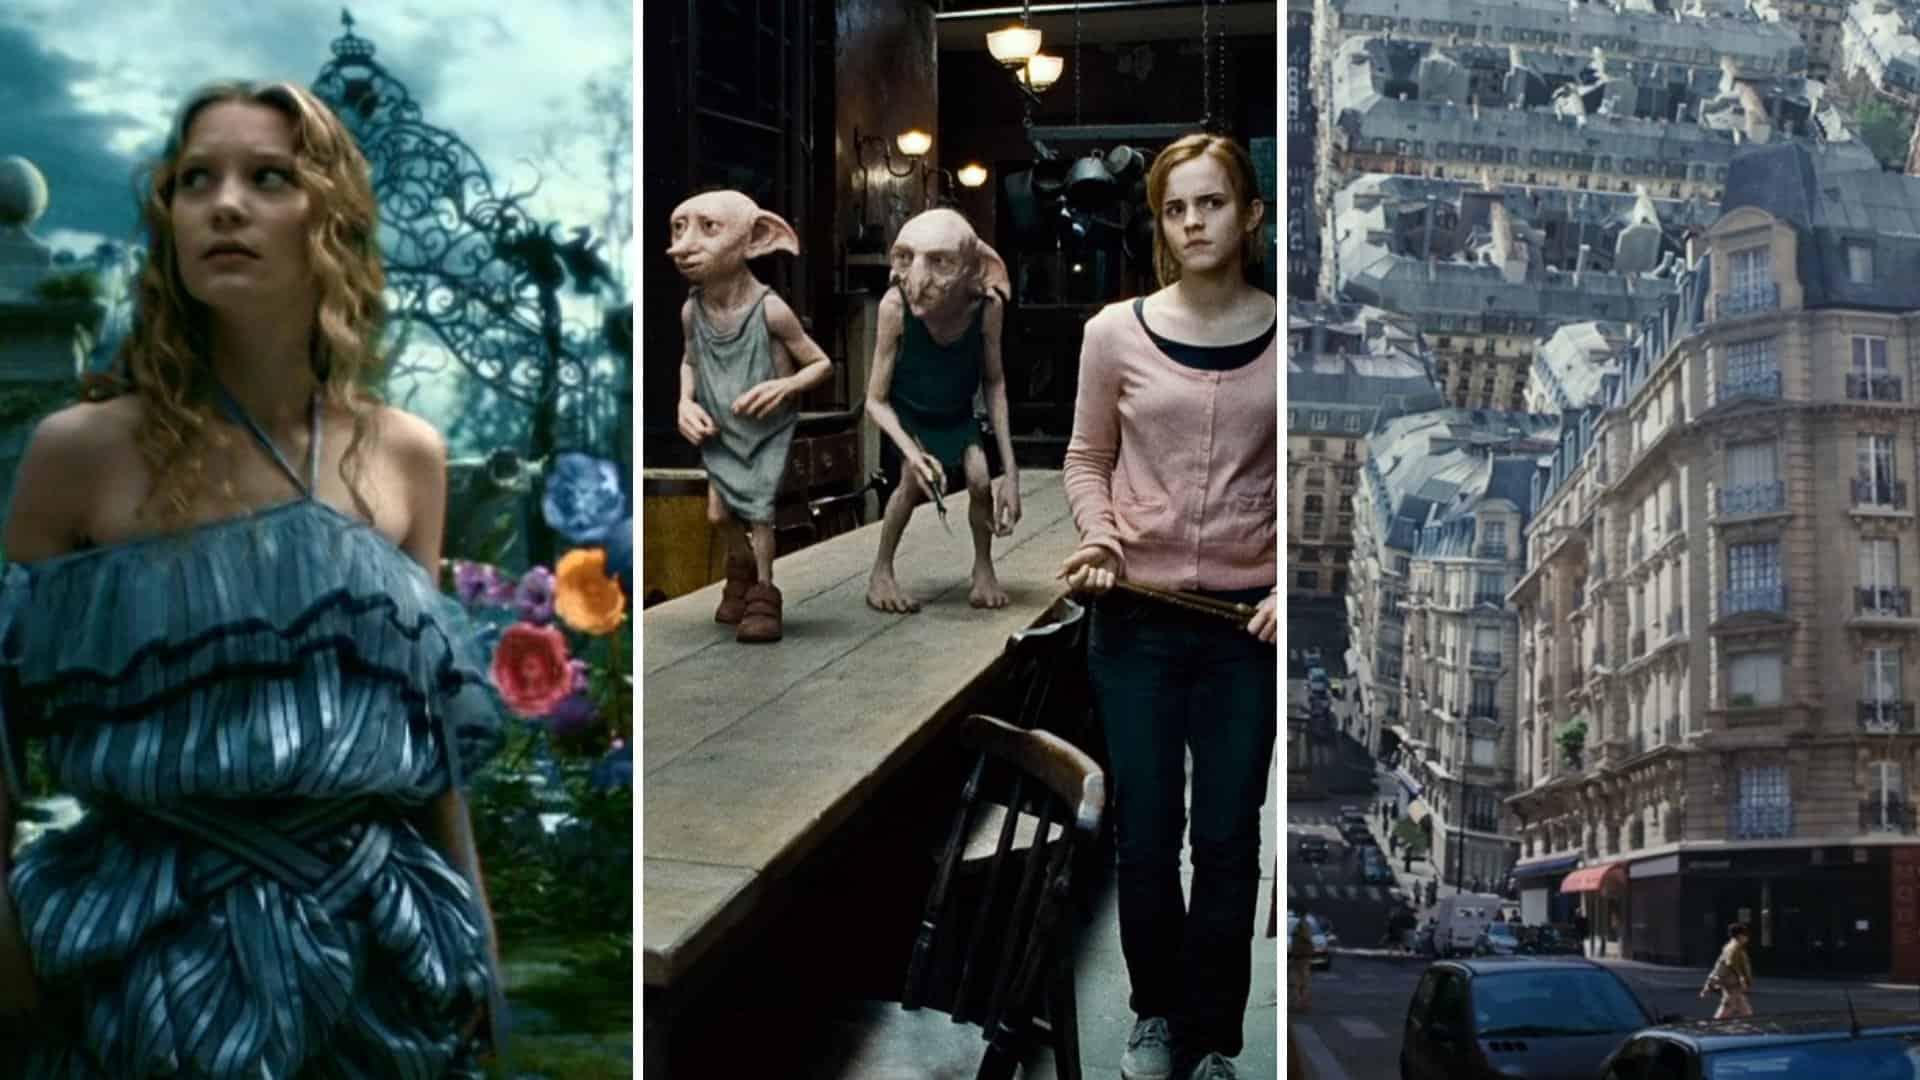 Potterish :: Harry Potter, o Ickabog, Animais Fantásticos e JK Rowling Harry Potter e o Oscar: os filmes foram mesmo injustiçados?